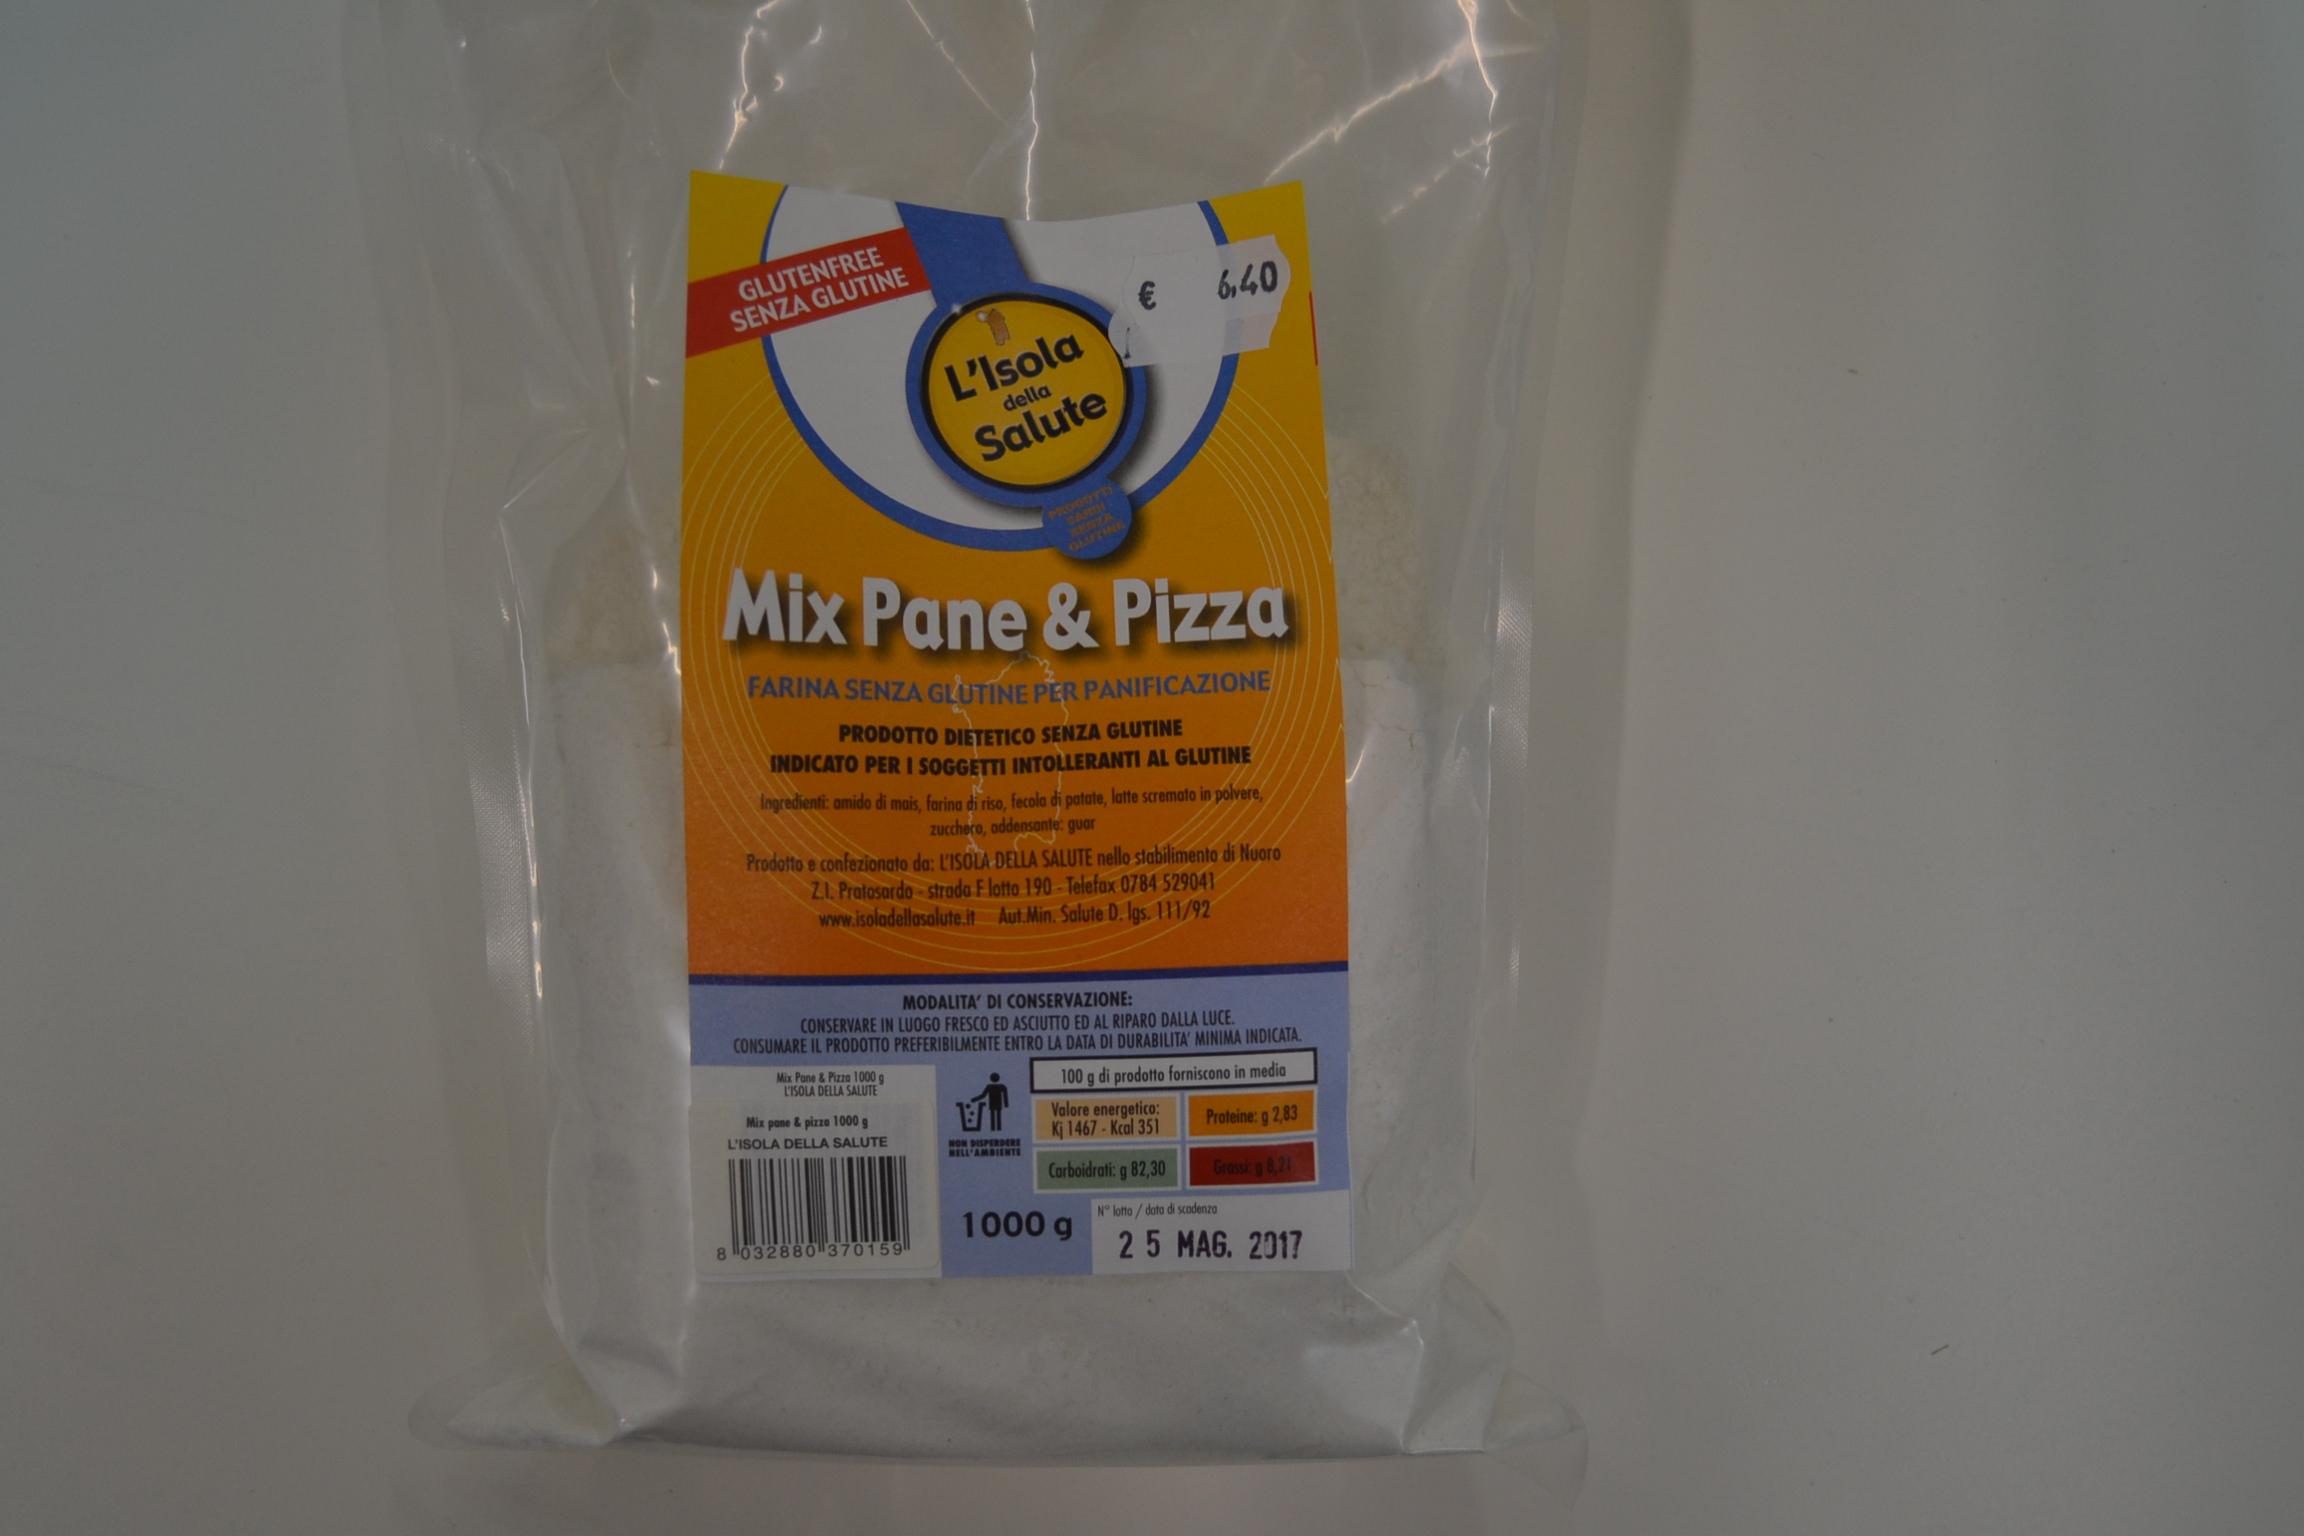 Mix pane e pizza KG. 1 ISOLA DELLA SALUTE € 6,40